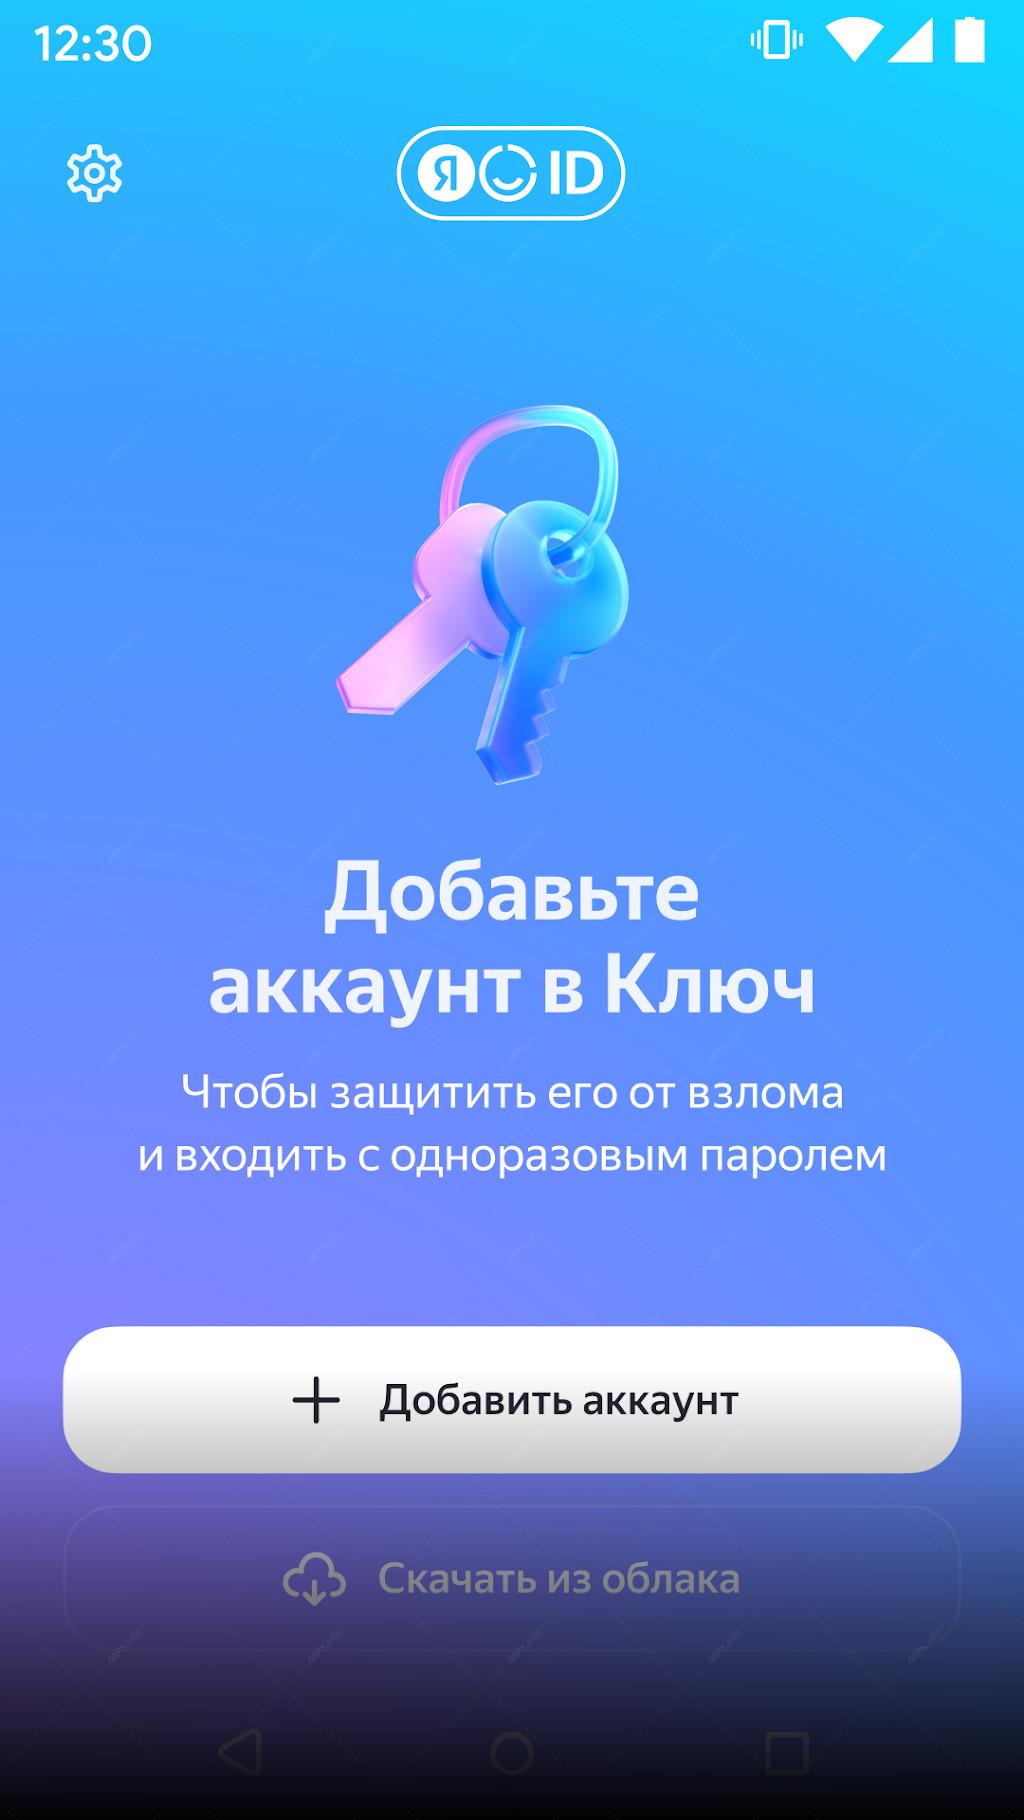 Яндекс.Ключ — ваши пароли screenshot